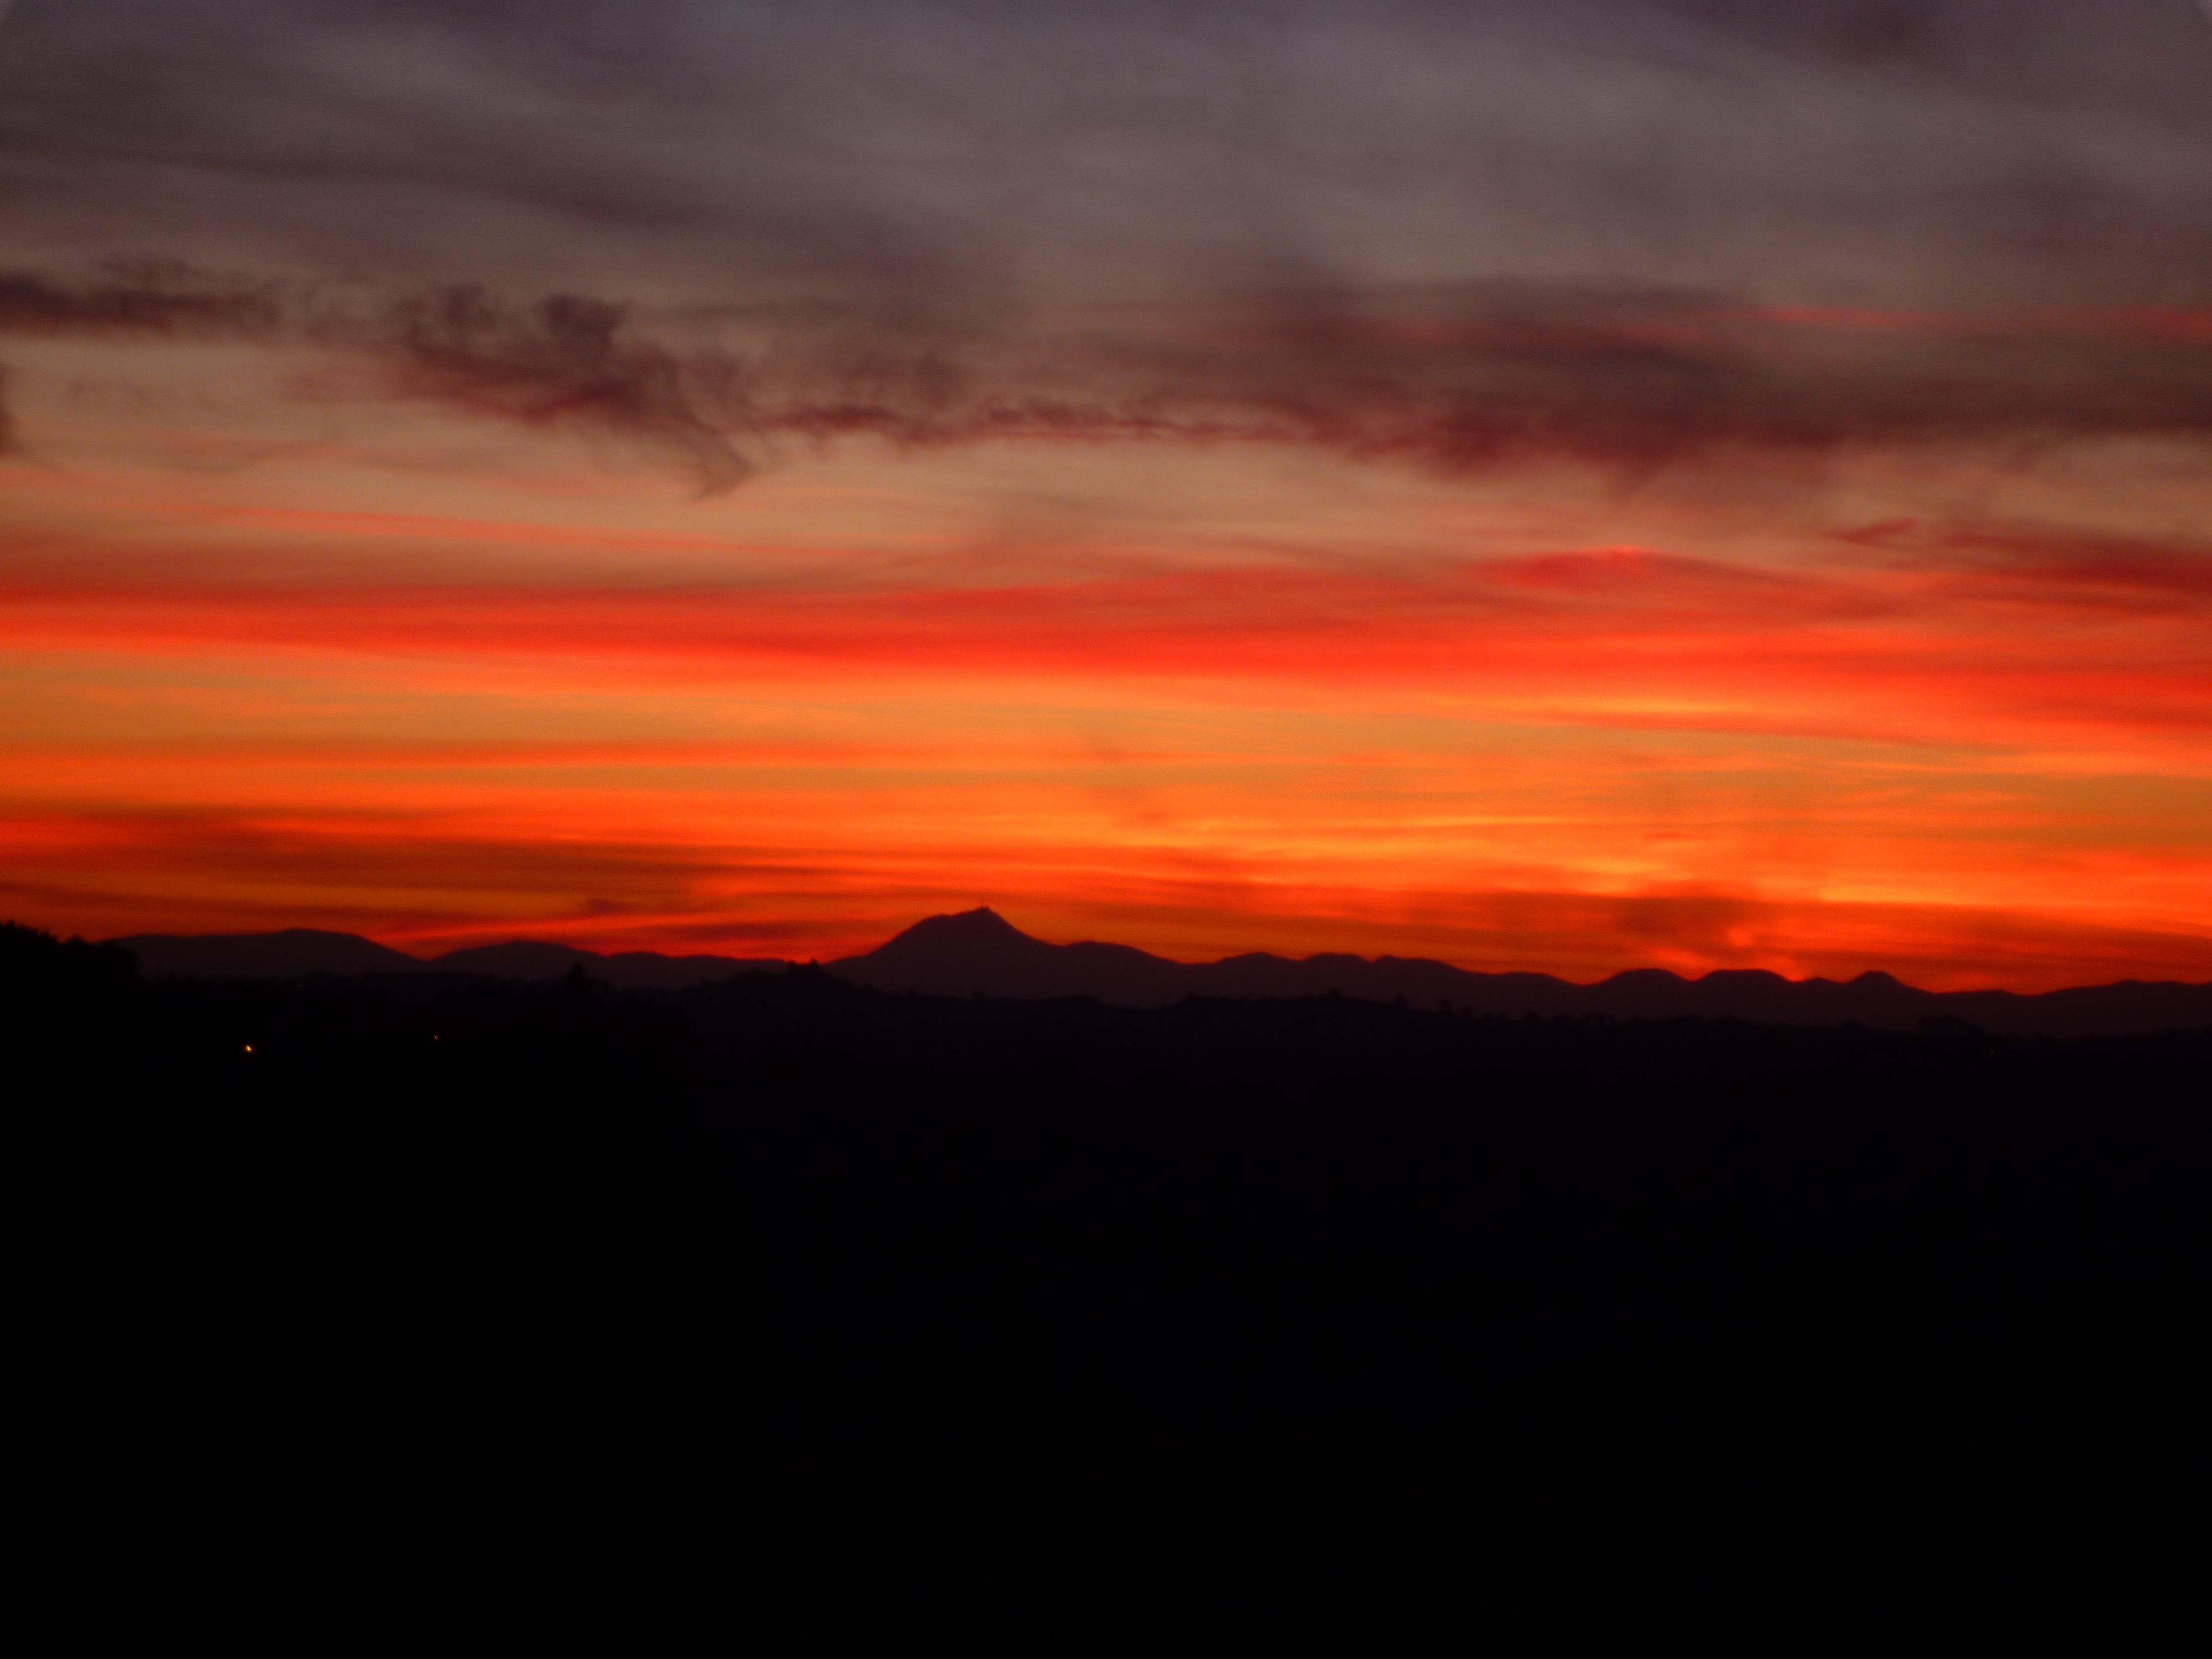 Soleil couchant sur les volcans